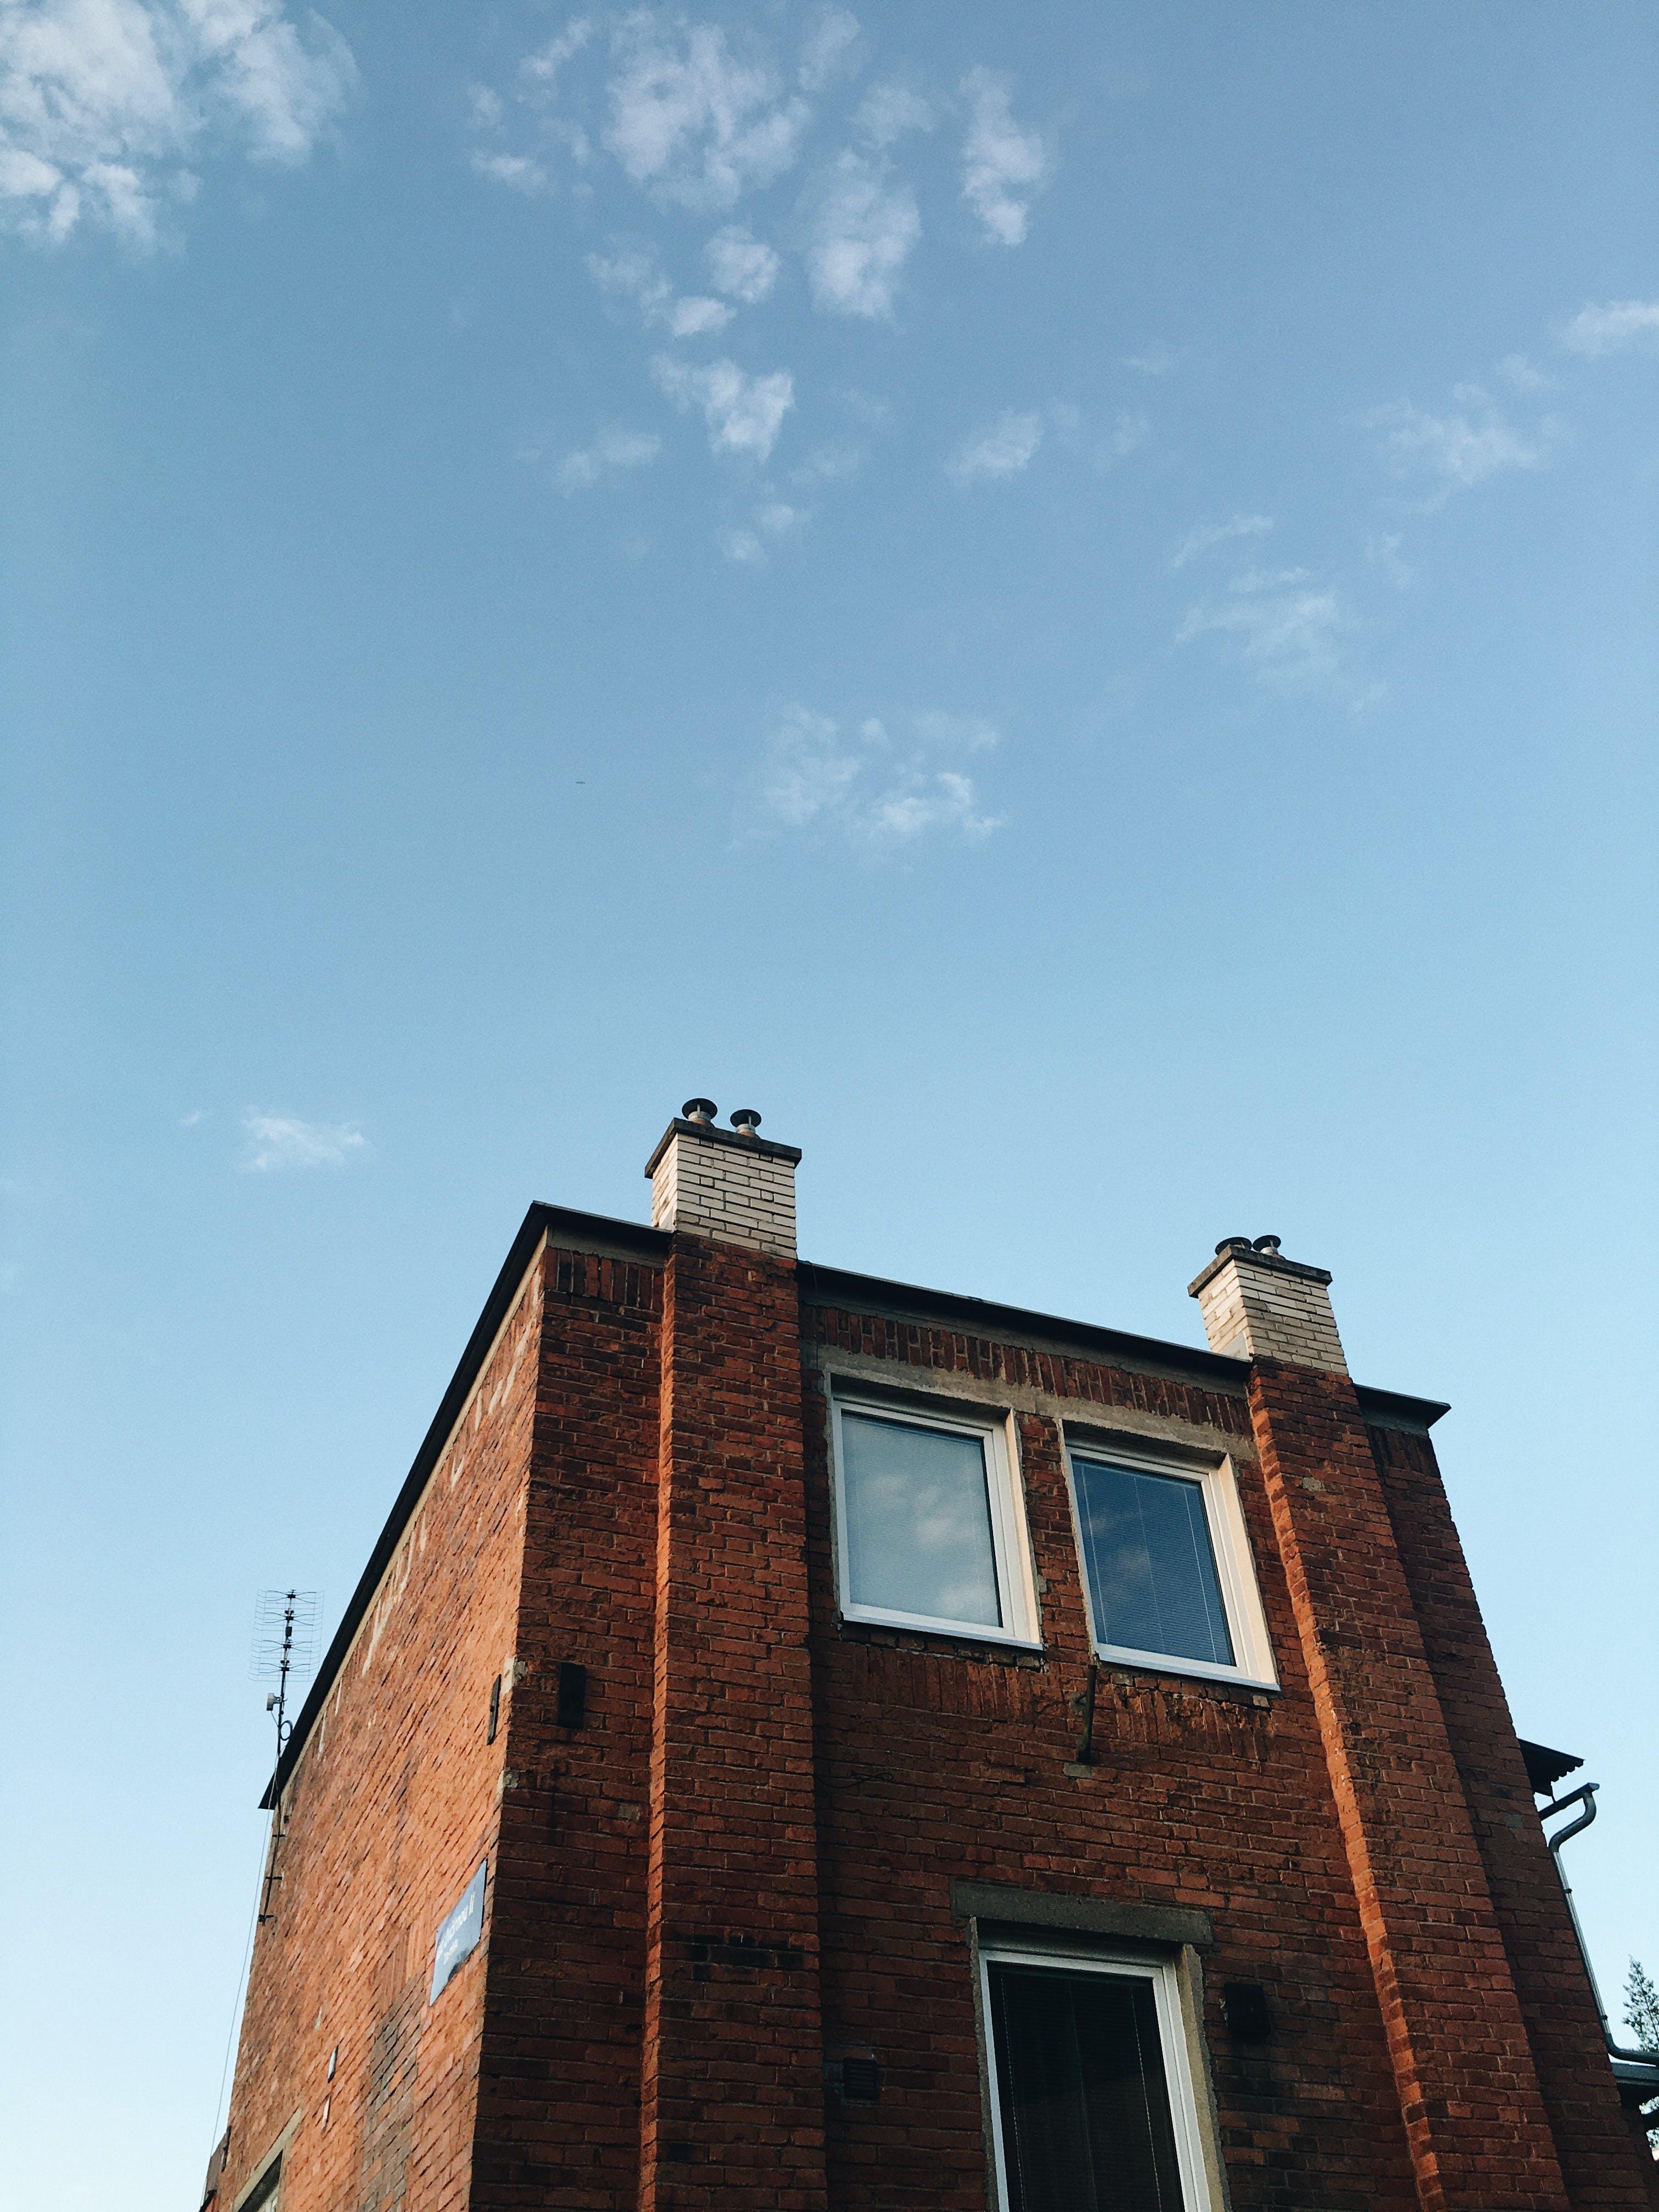 Kostenloses Stock Foto zu architektur, backstein, blauer himmel, braun